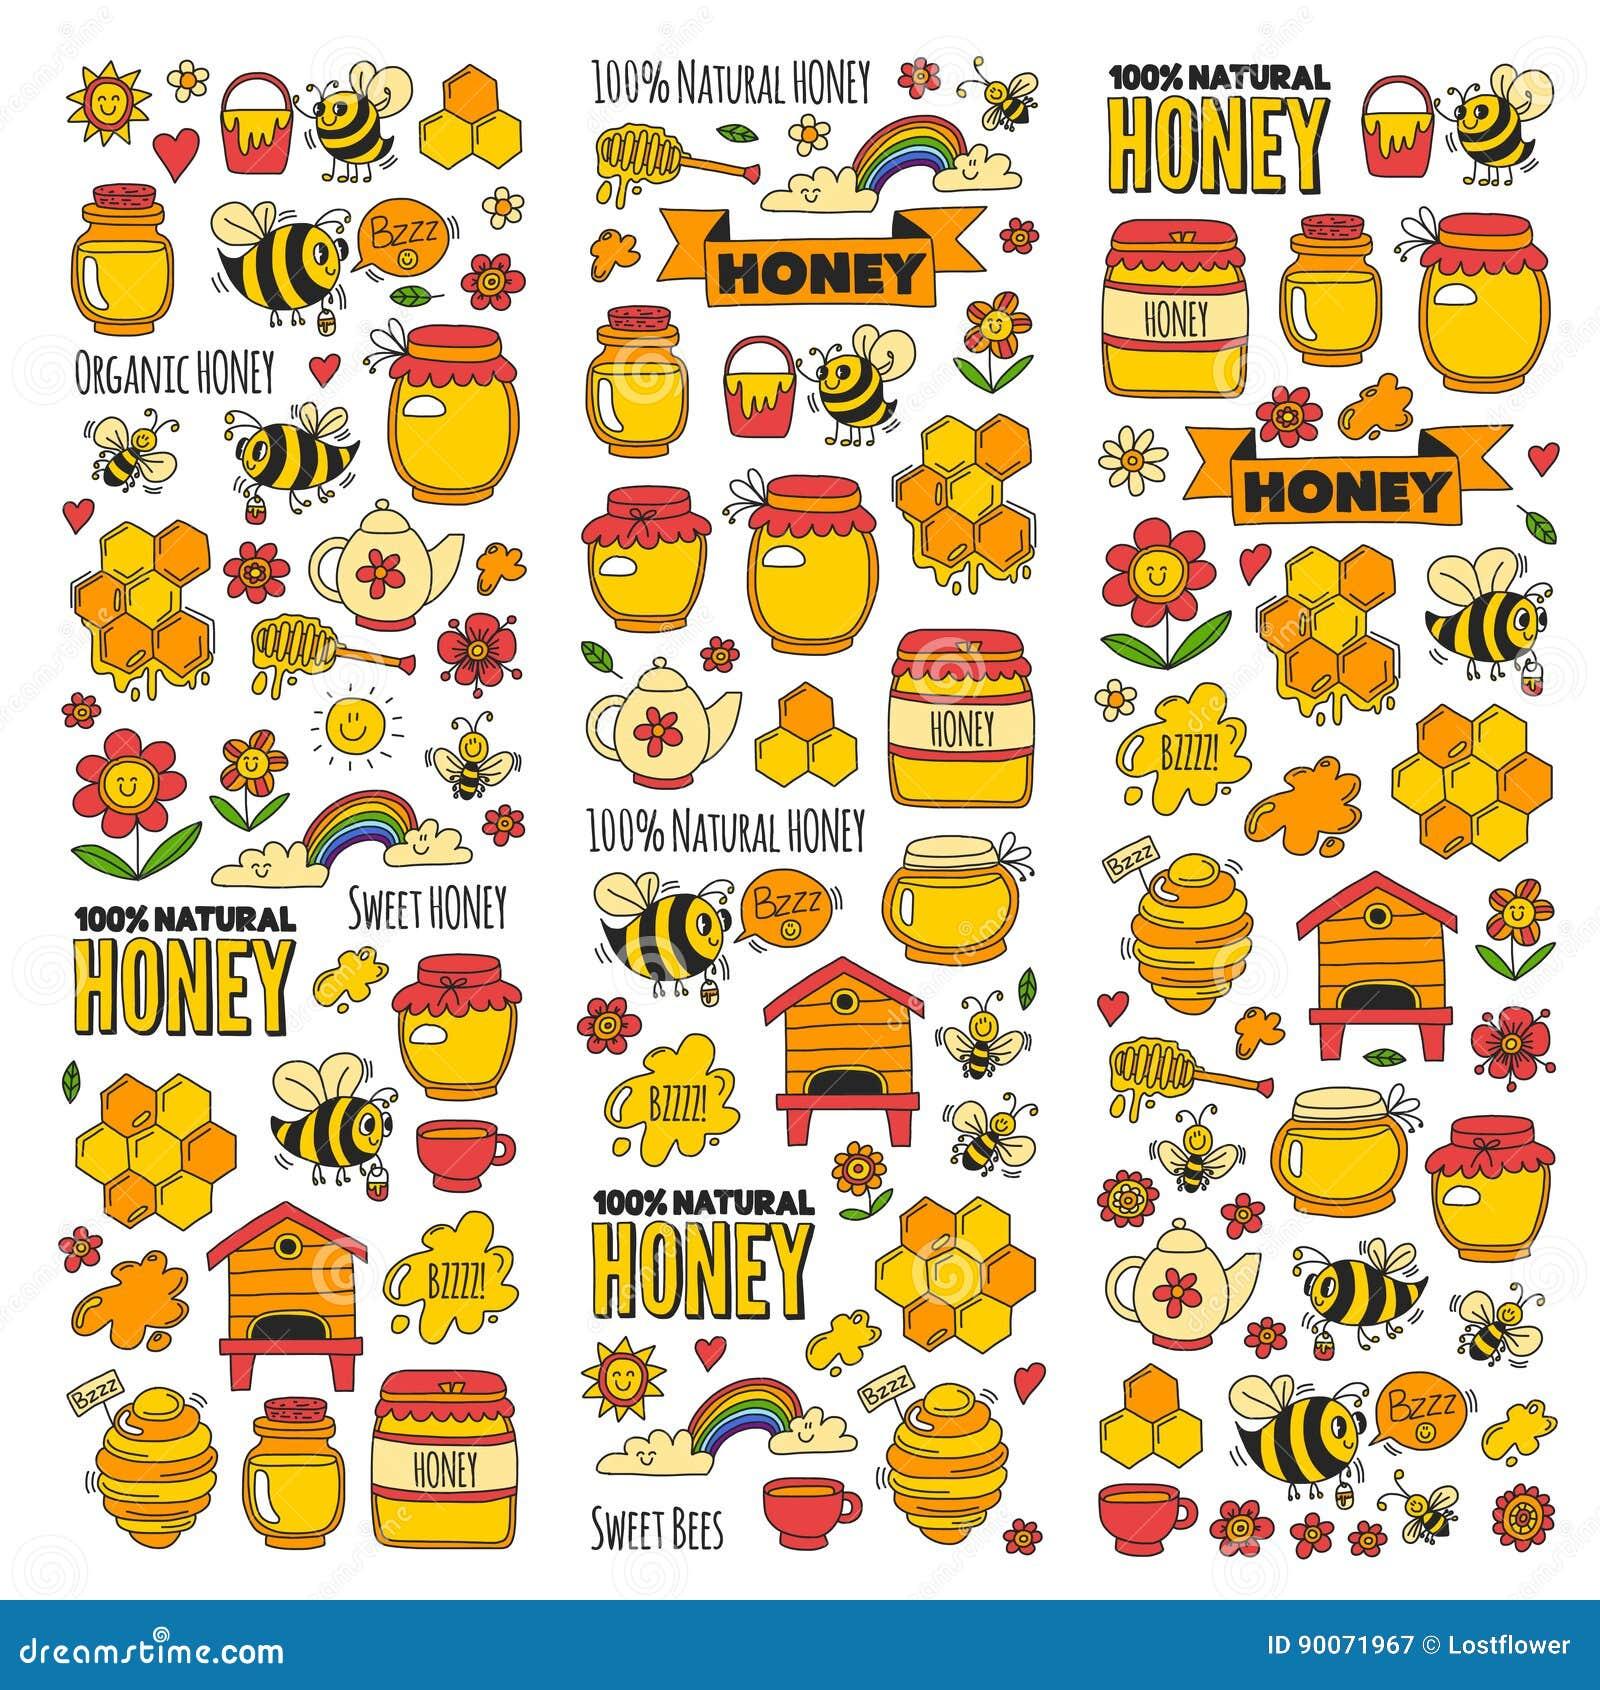 Marché de miel, bazar, images justes de griffonnage de miel des abeilles, fleurs, pots, nid d abeilles, ruche, tache, le barillet